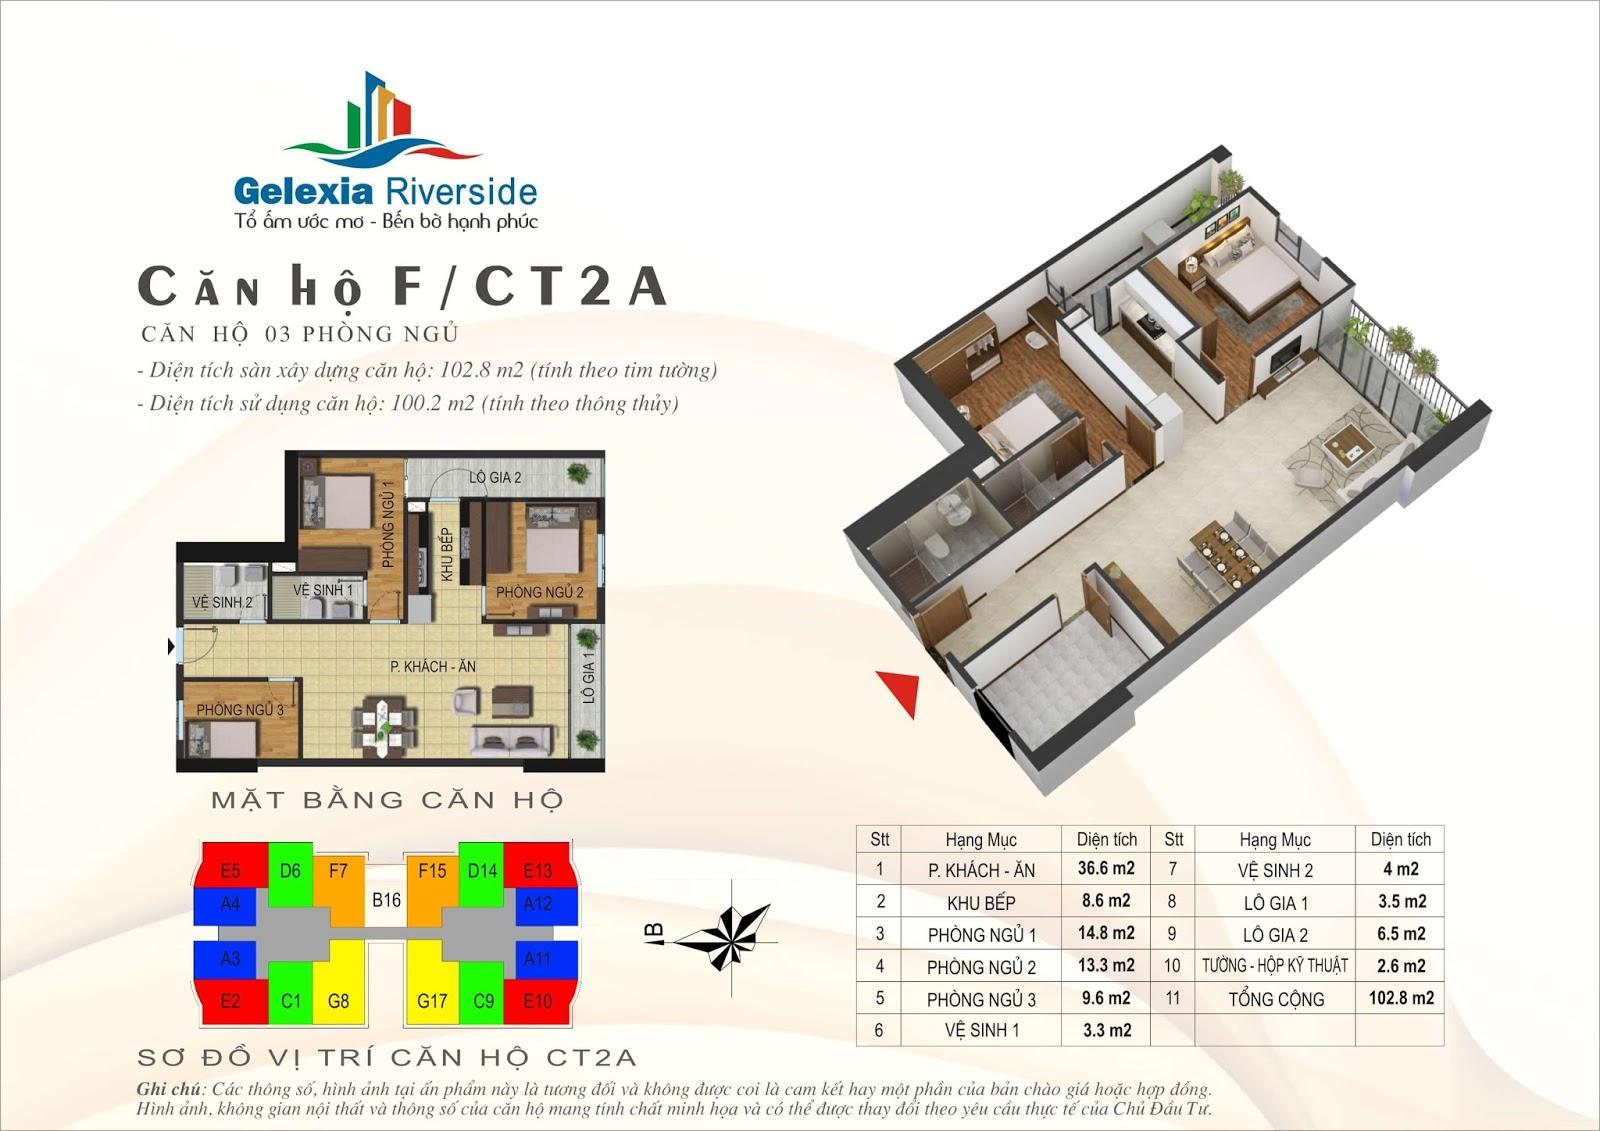 Mặt bằng căn hộ 102,8 m2 tòa CT2A - Gelexia Riverside